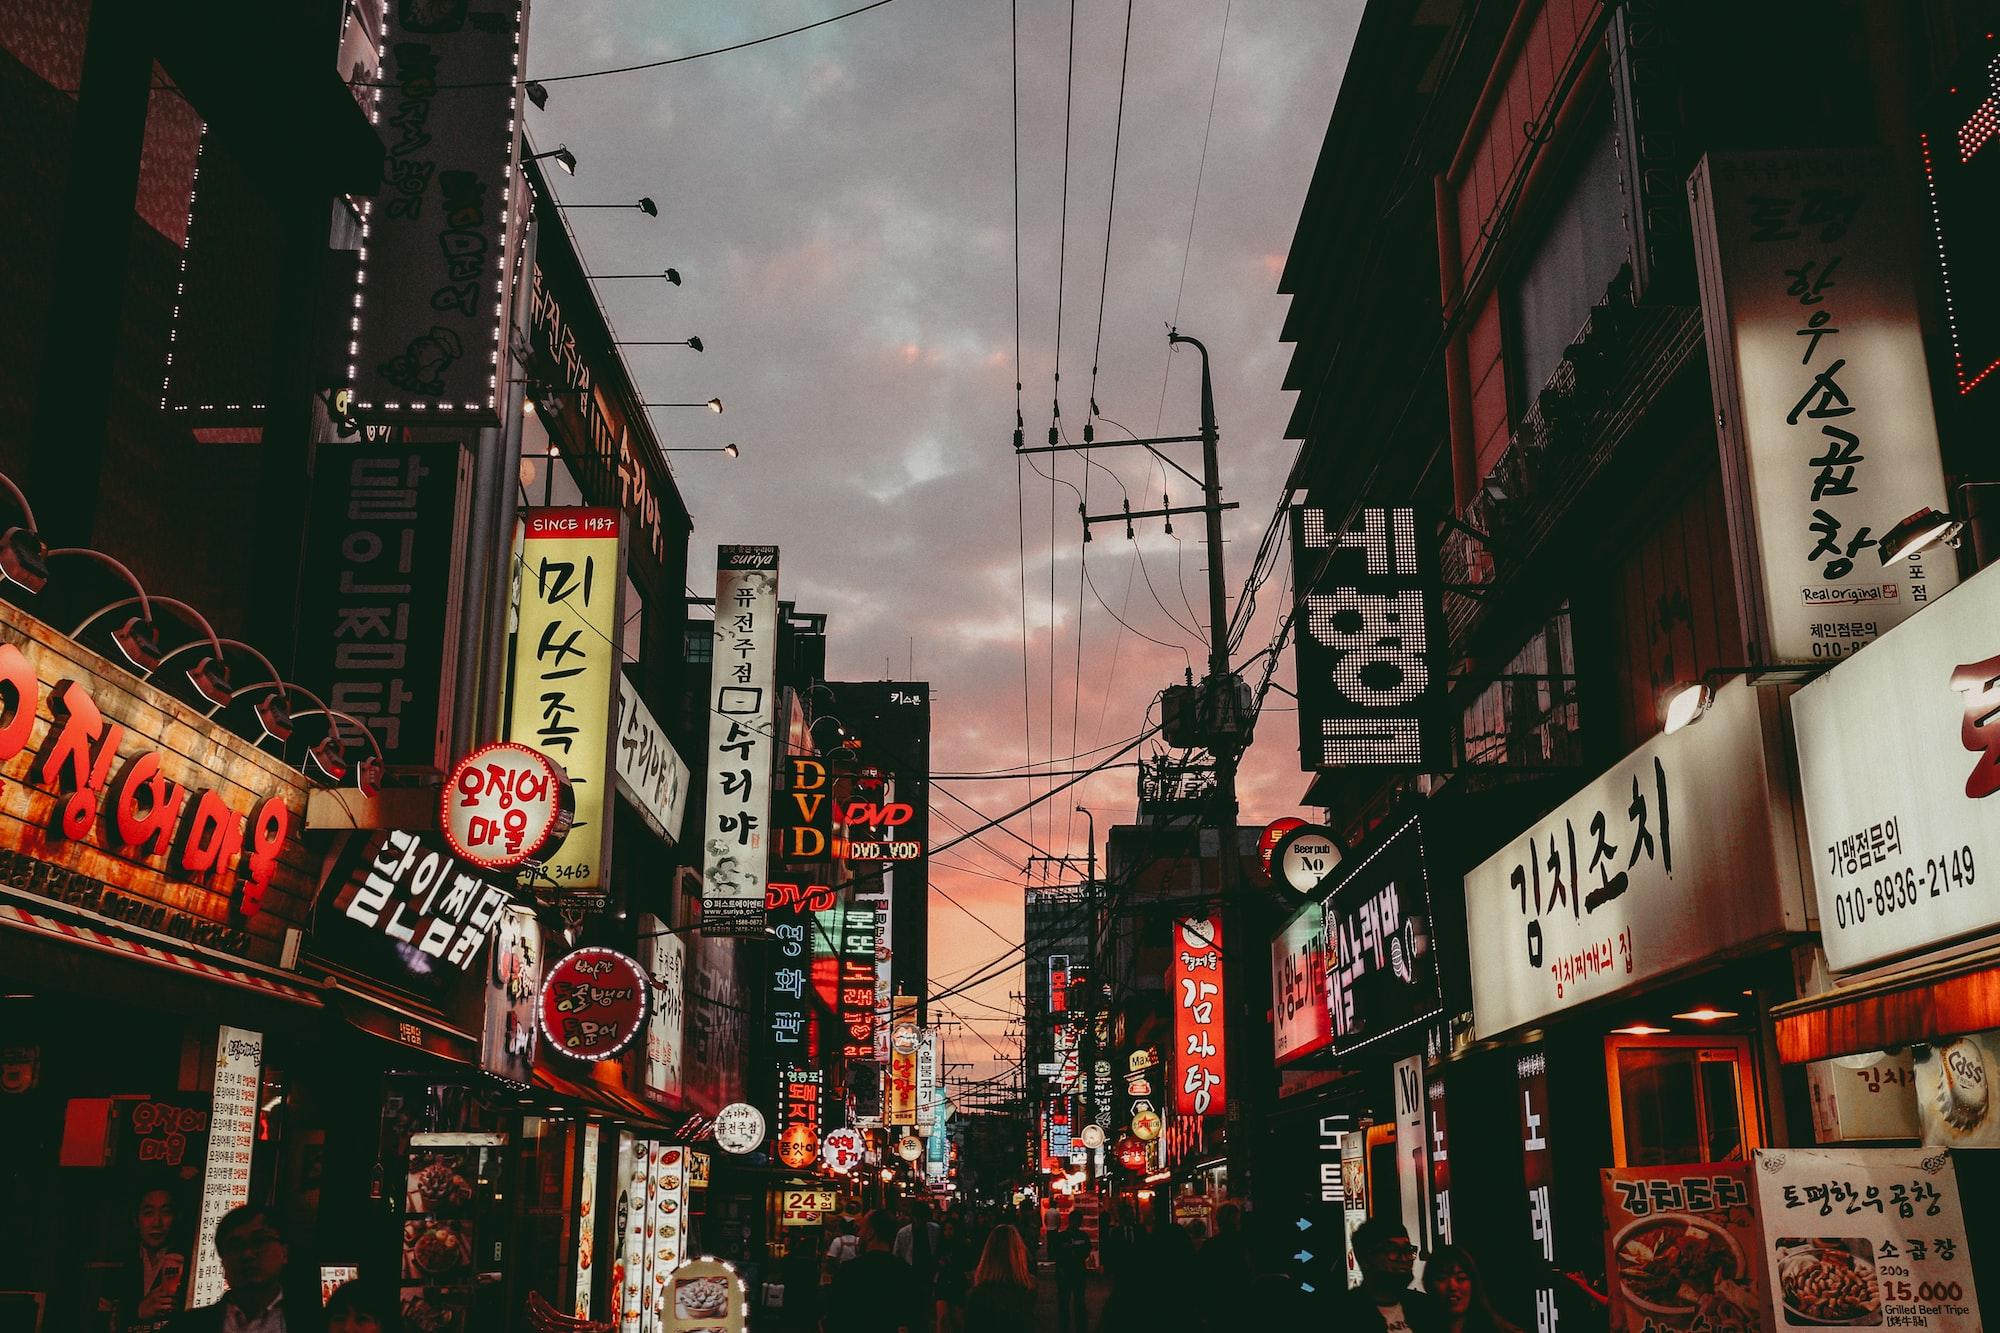 เกาหลีใต้วางแผนจะใช้เงินมูลค่าหลายหมื่นล้าน USD พัฒนา Blockchain